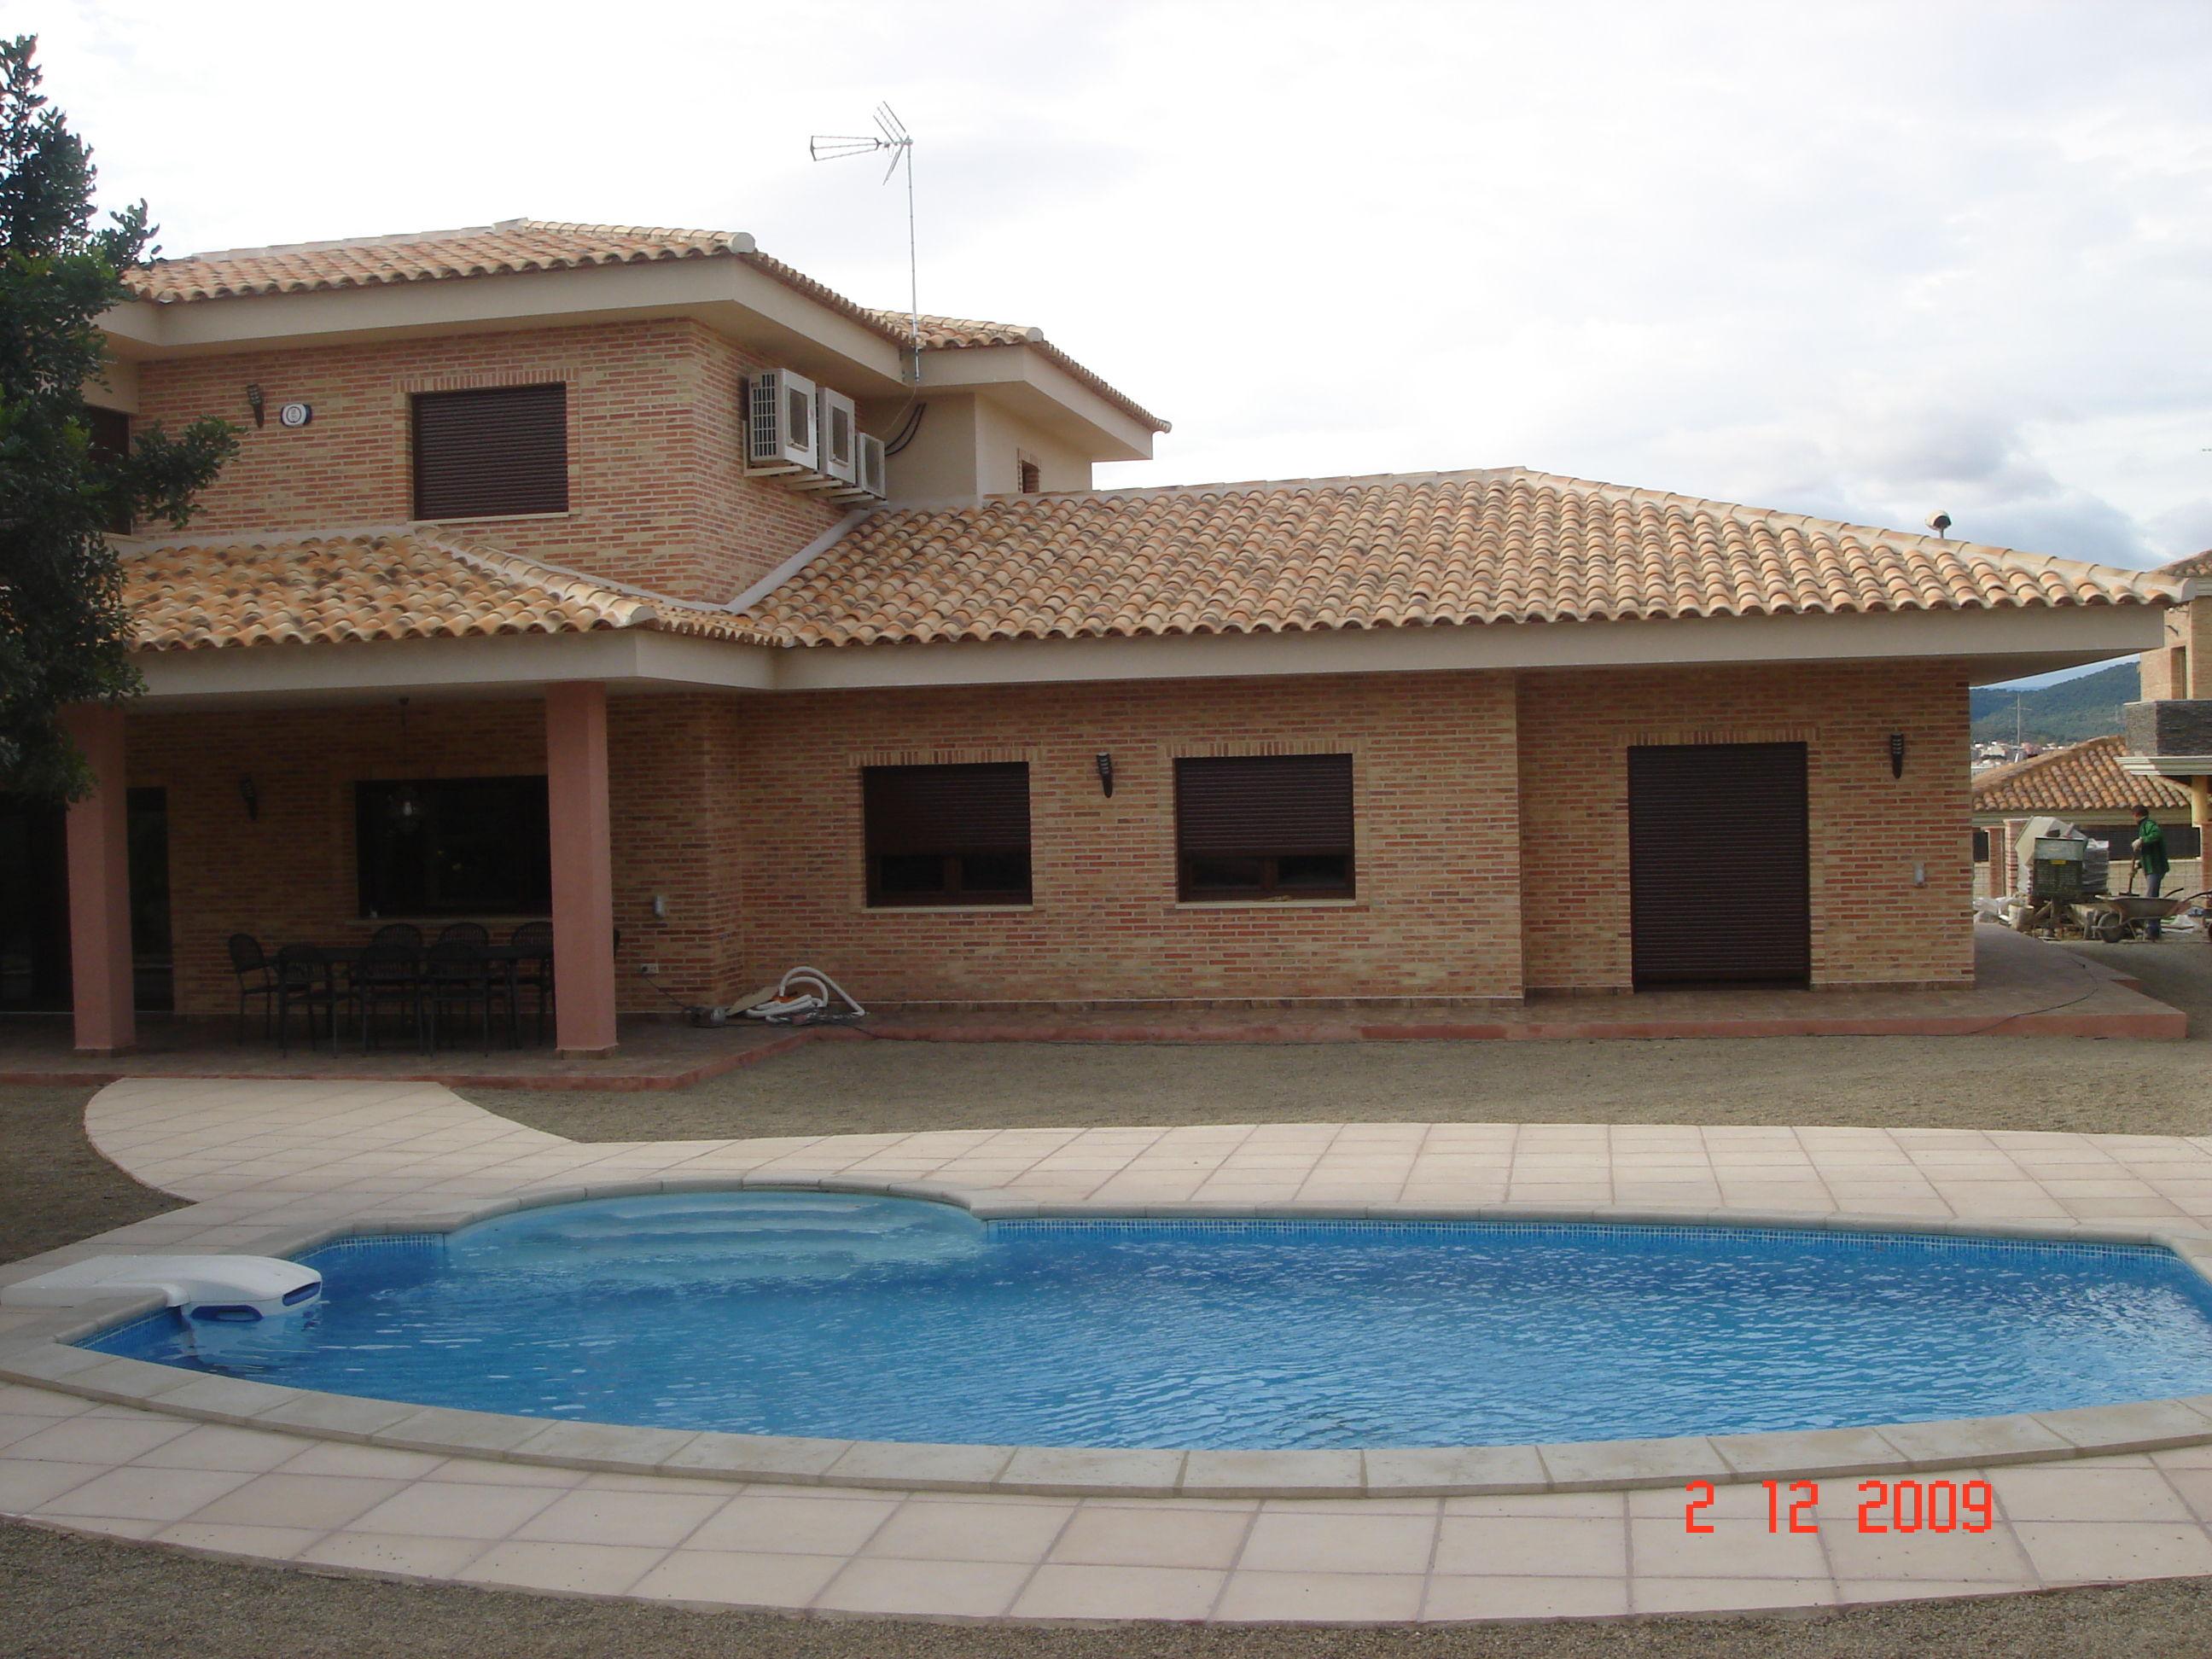 Reparaci n de tejados y cubiertas en valencia for Piscina cubierta lliria